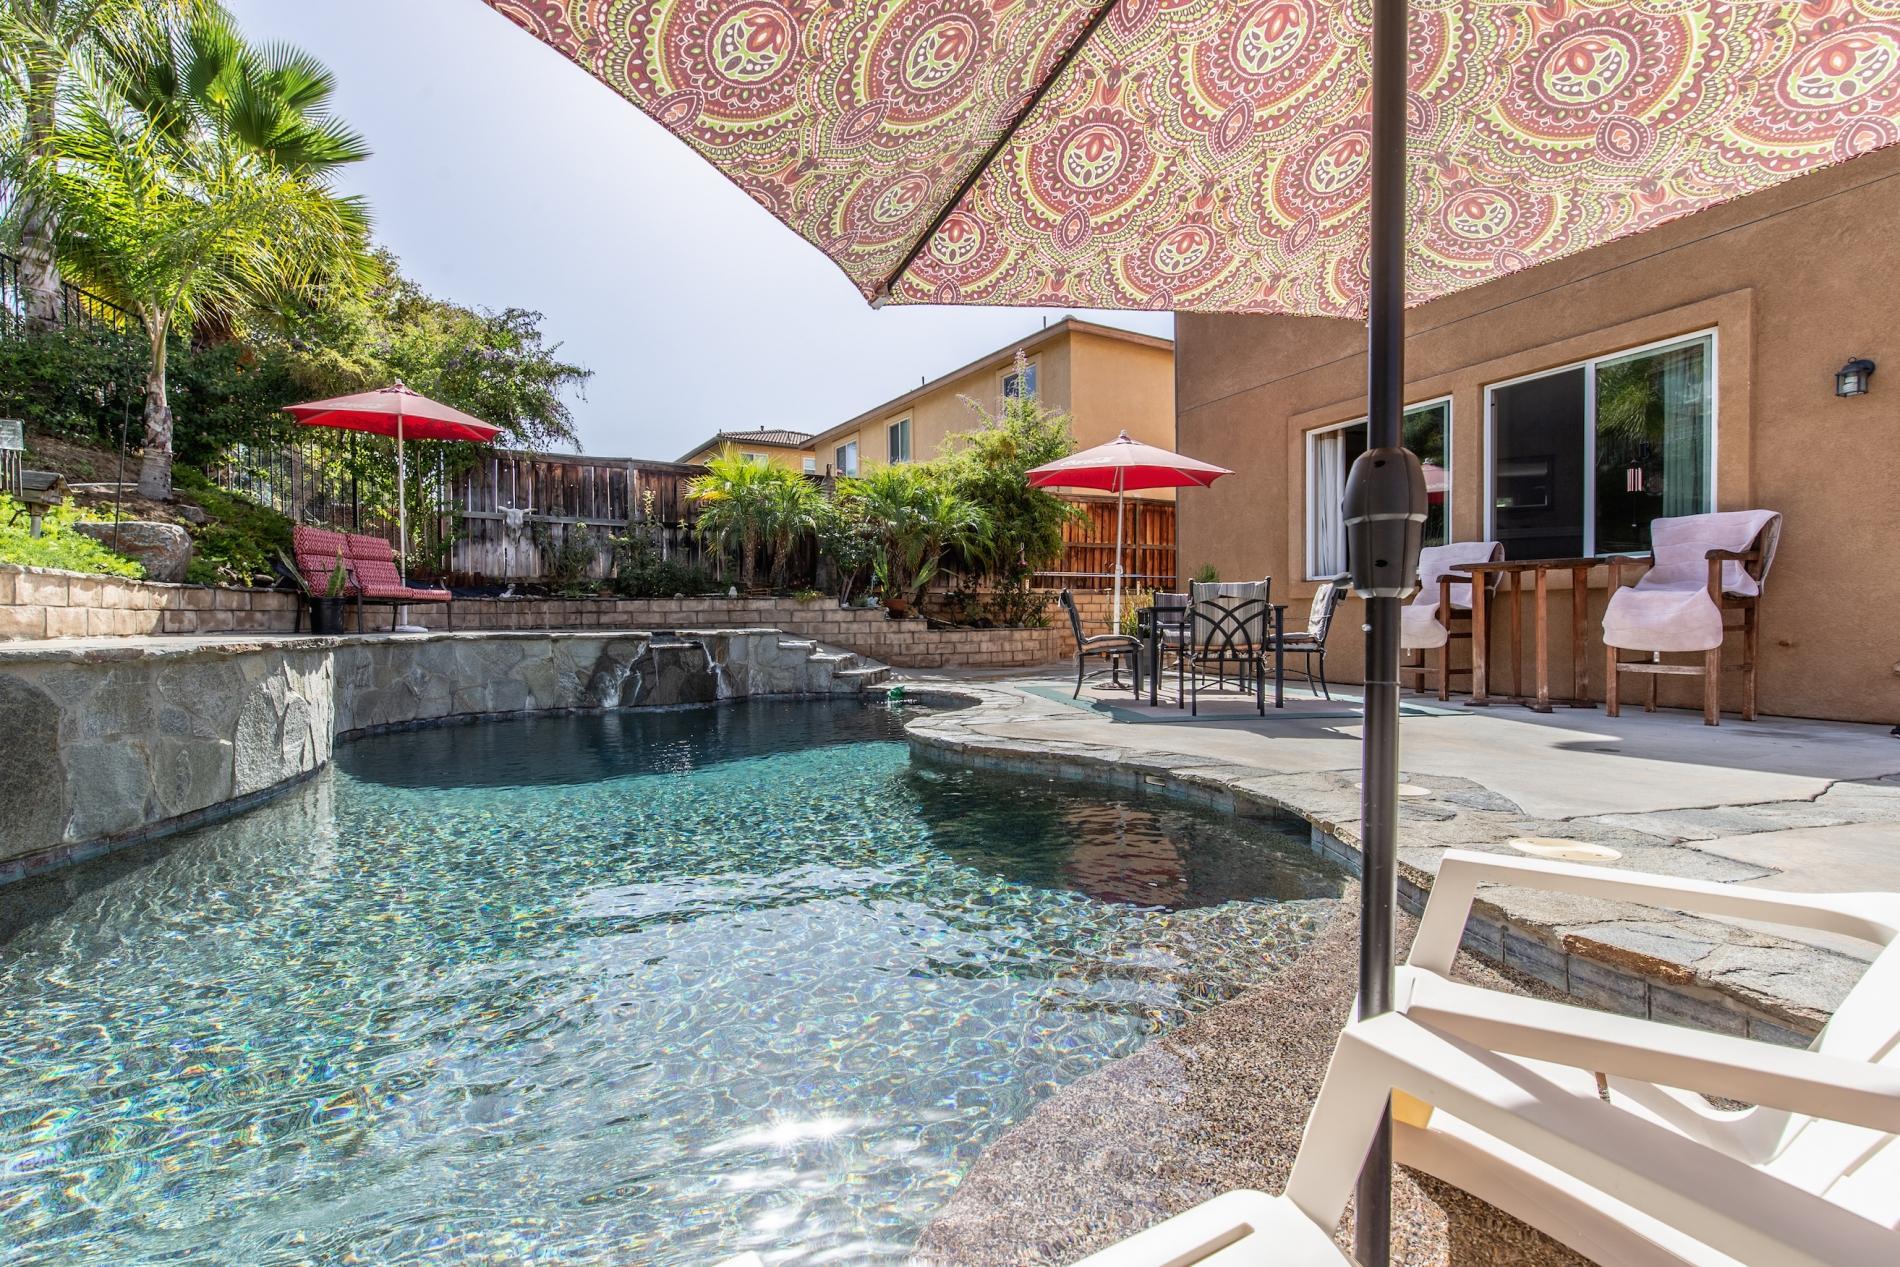 Casa de Colares - Pool & Jacuzzi photo 15983489